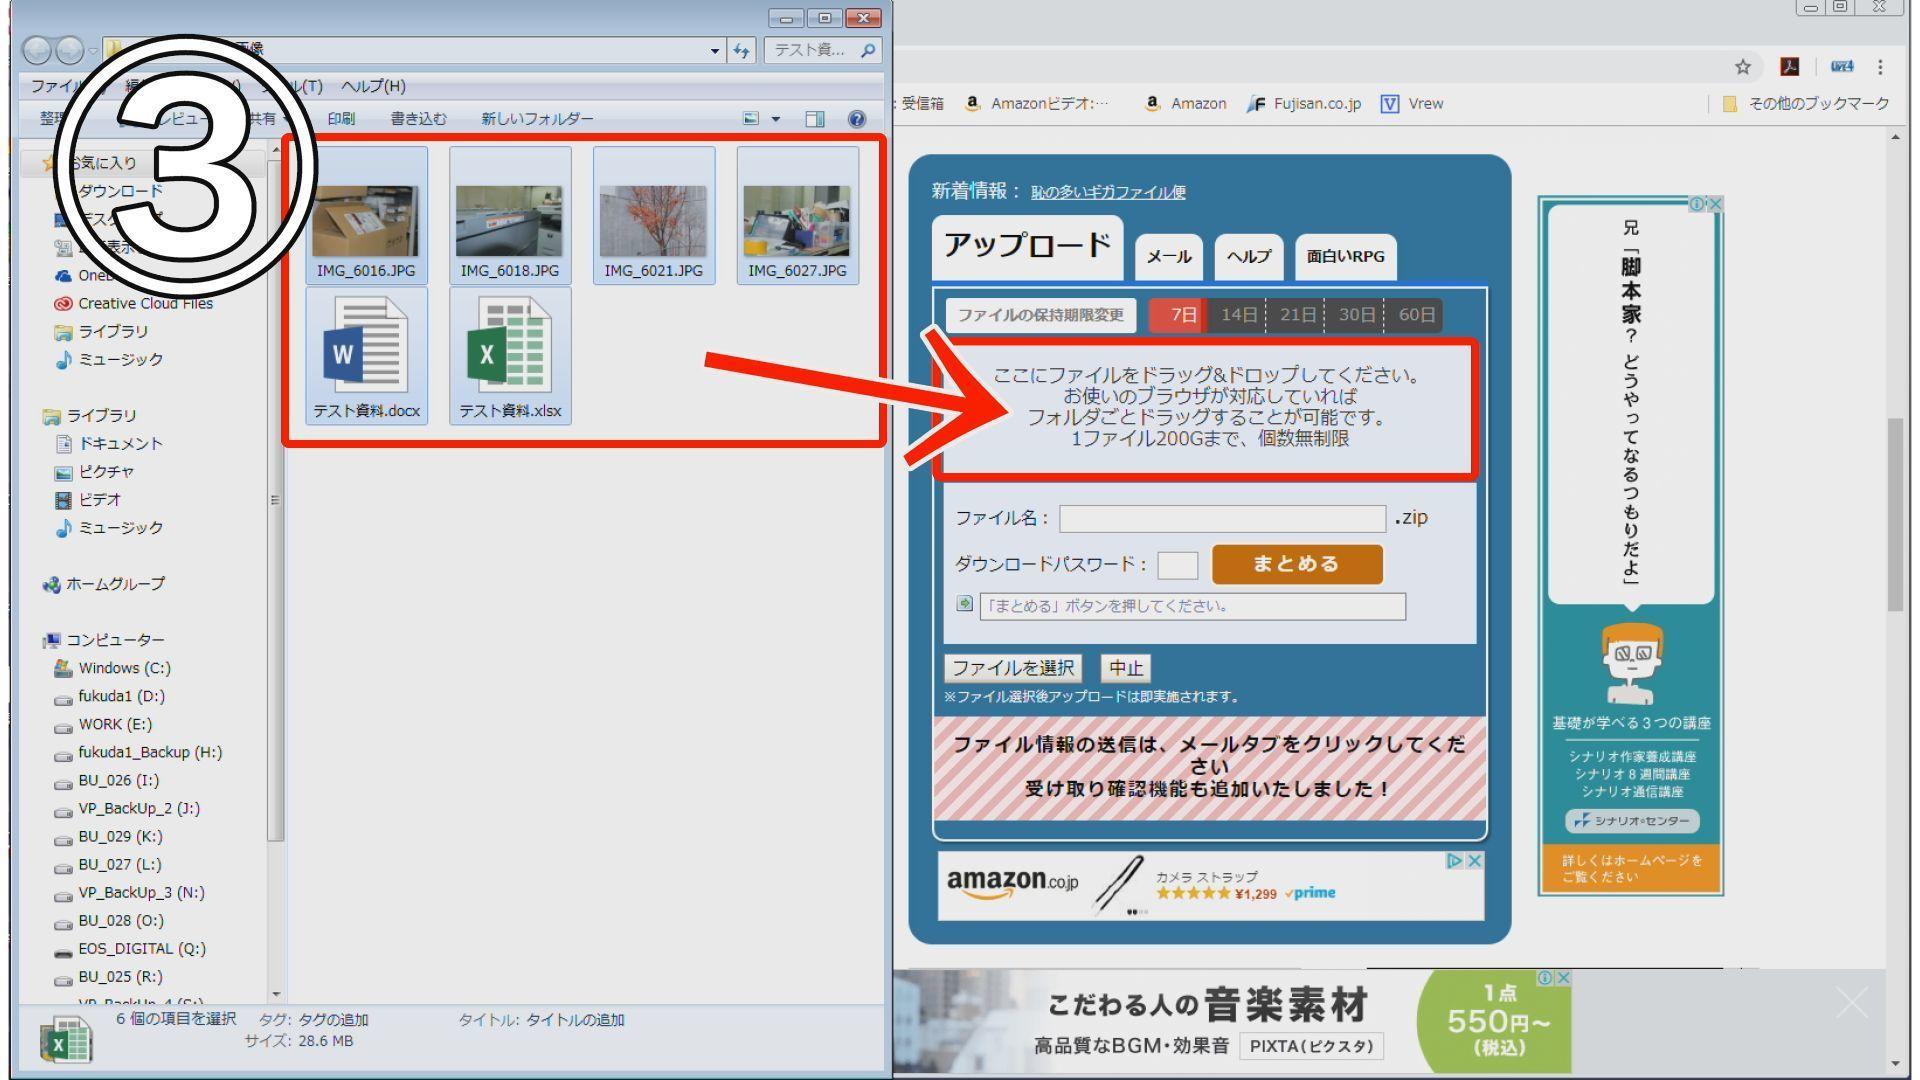 ギガ ファイル 開け ない ファイルが開けないを解決! iPhone版ギガファイル便公式アプリの使い方